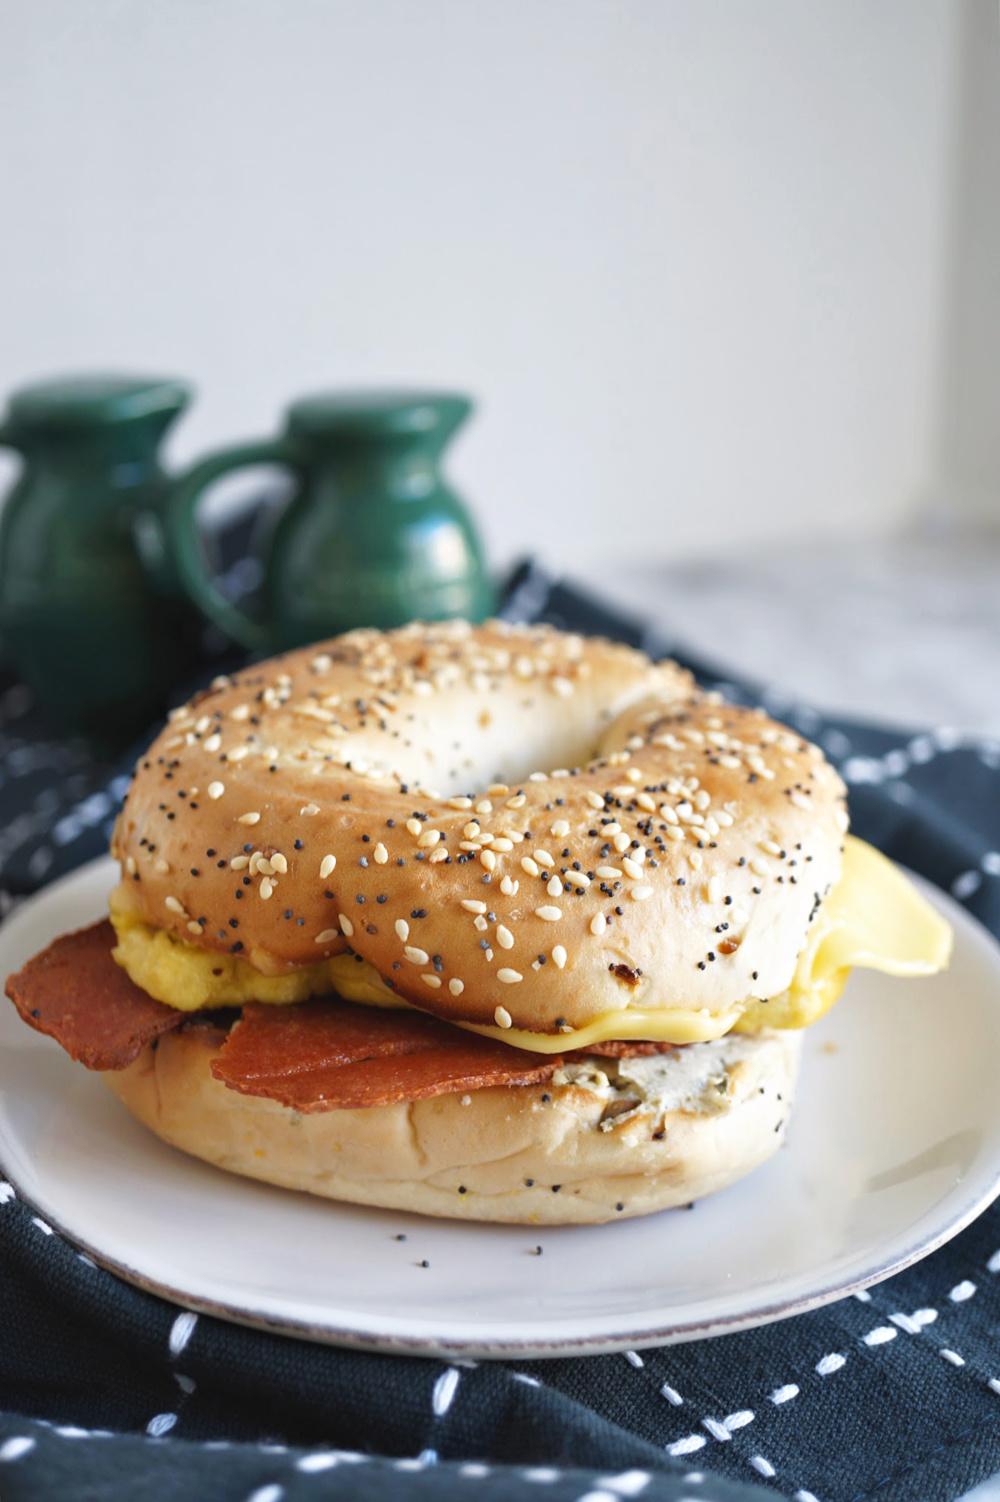 breakfast bagel sandwich on a plate